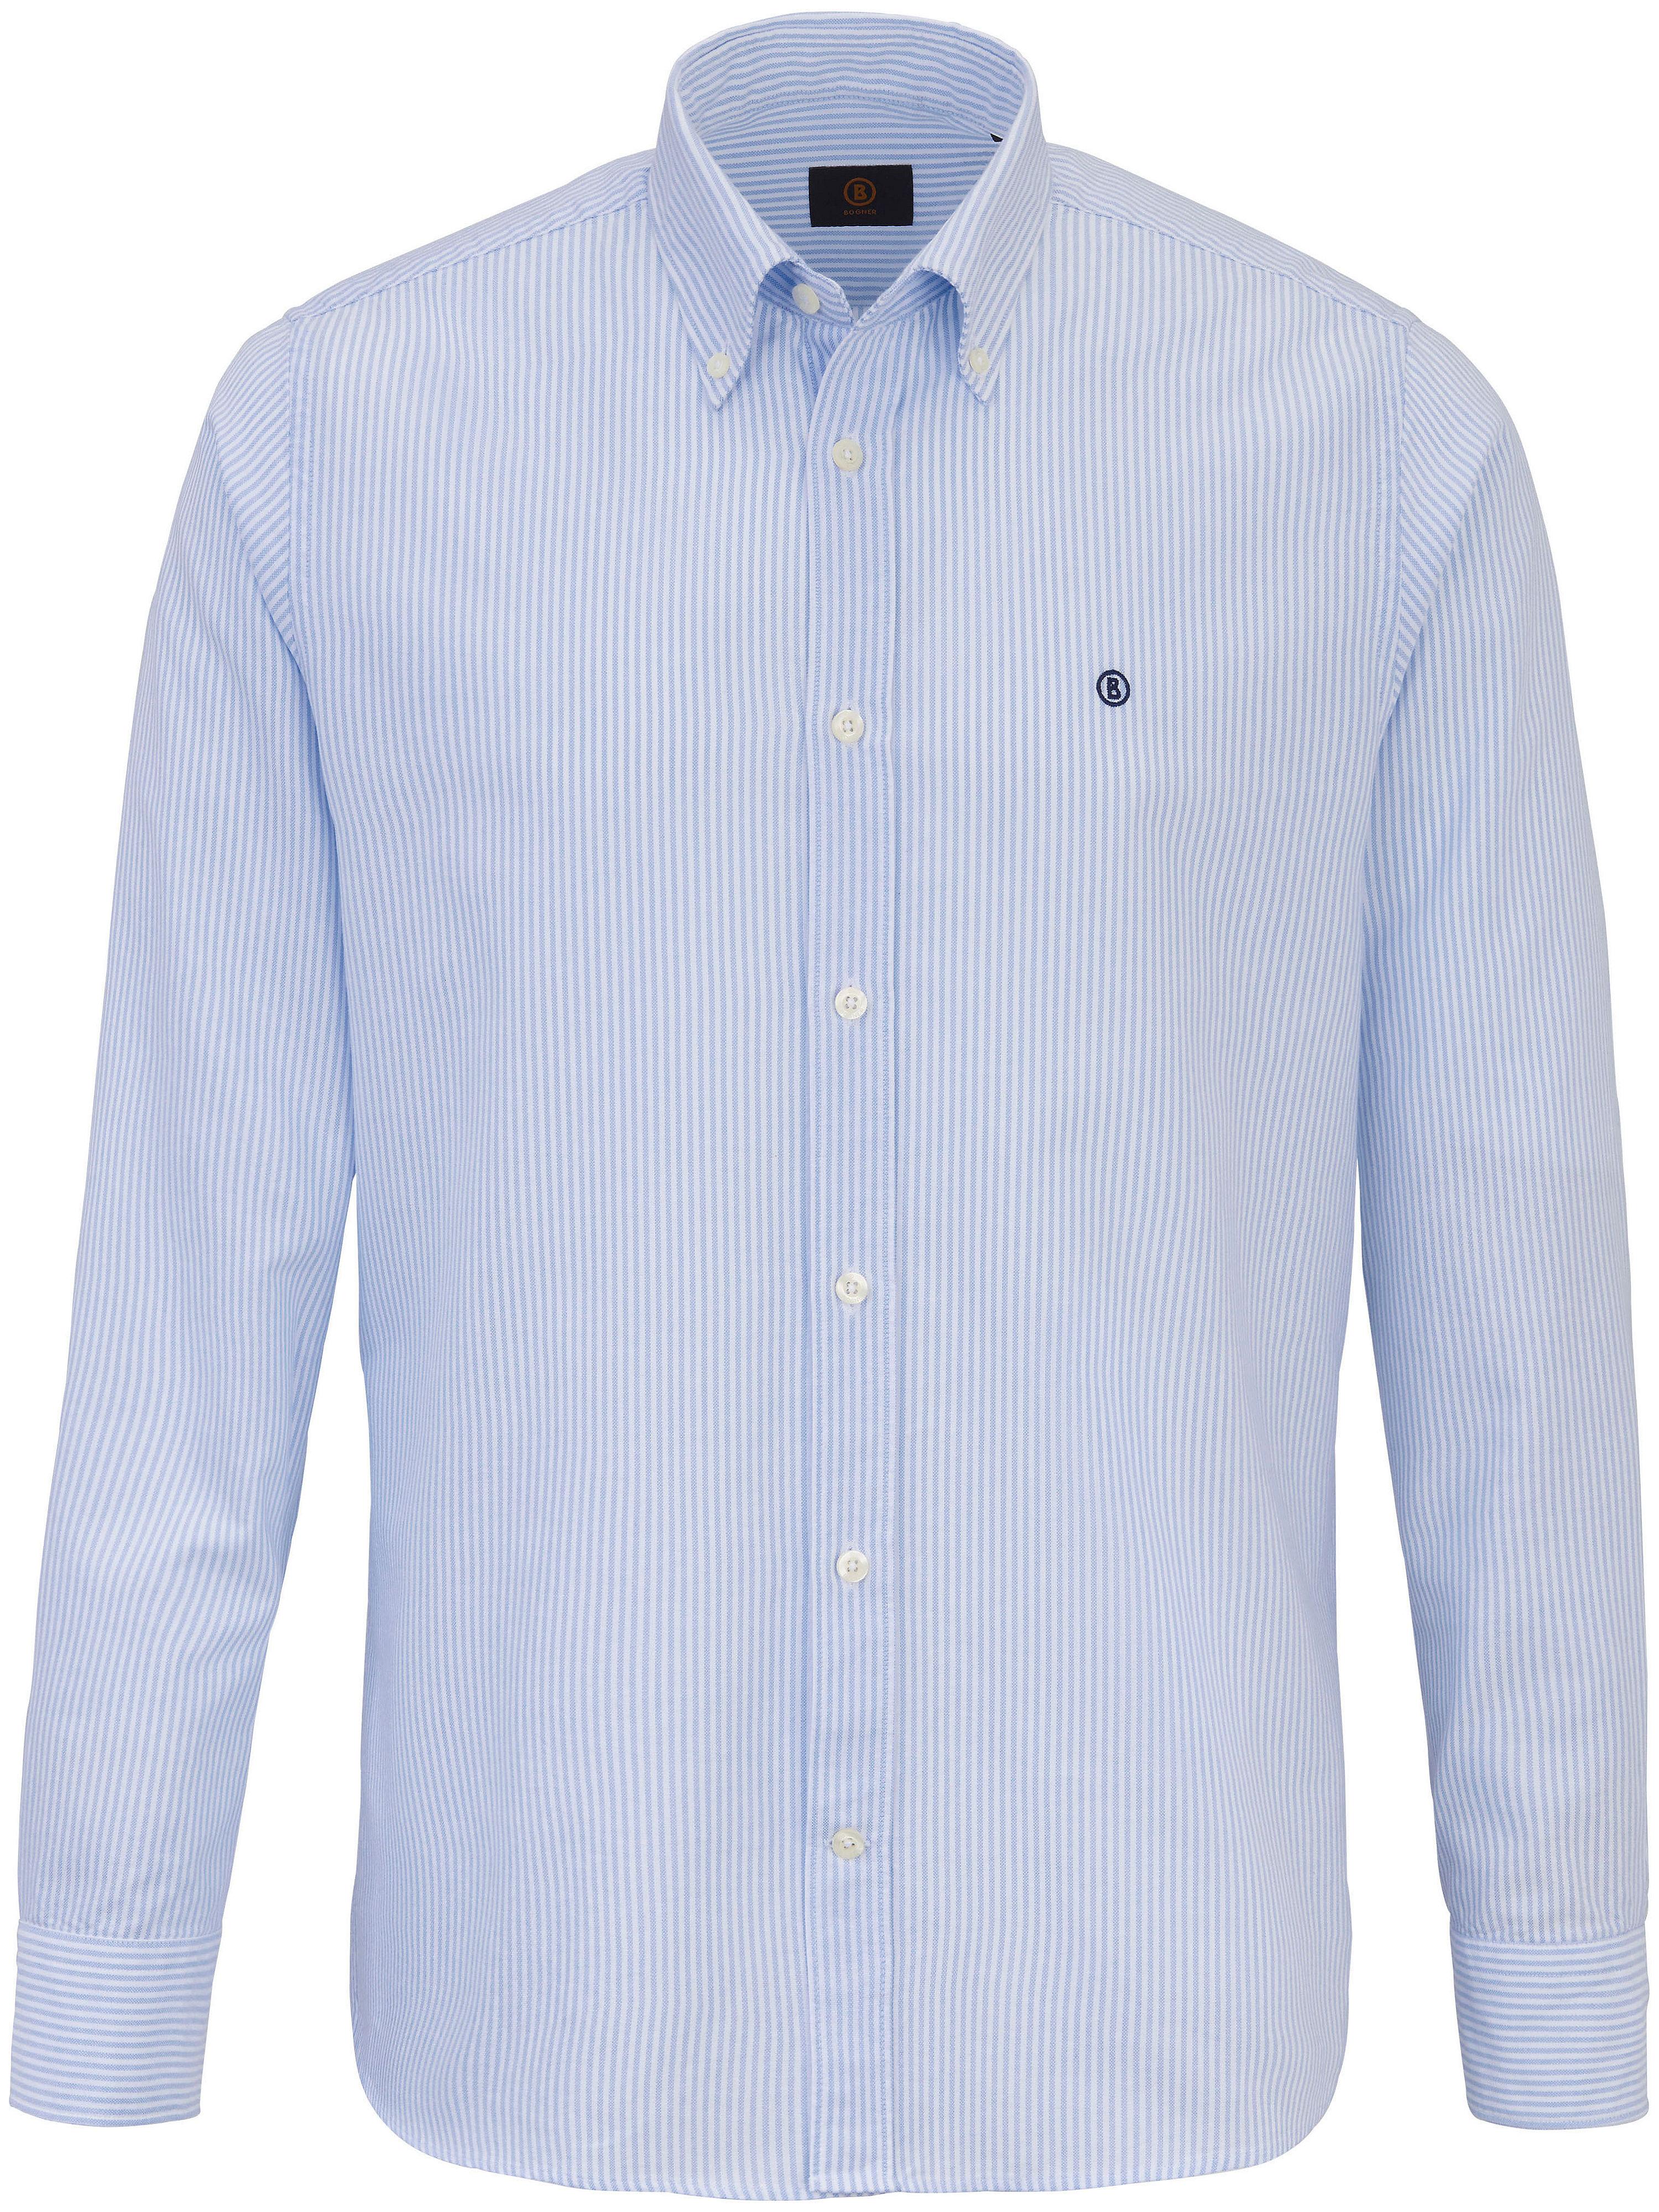 La chemise Oxford en pur coton  Bogner bleu